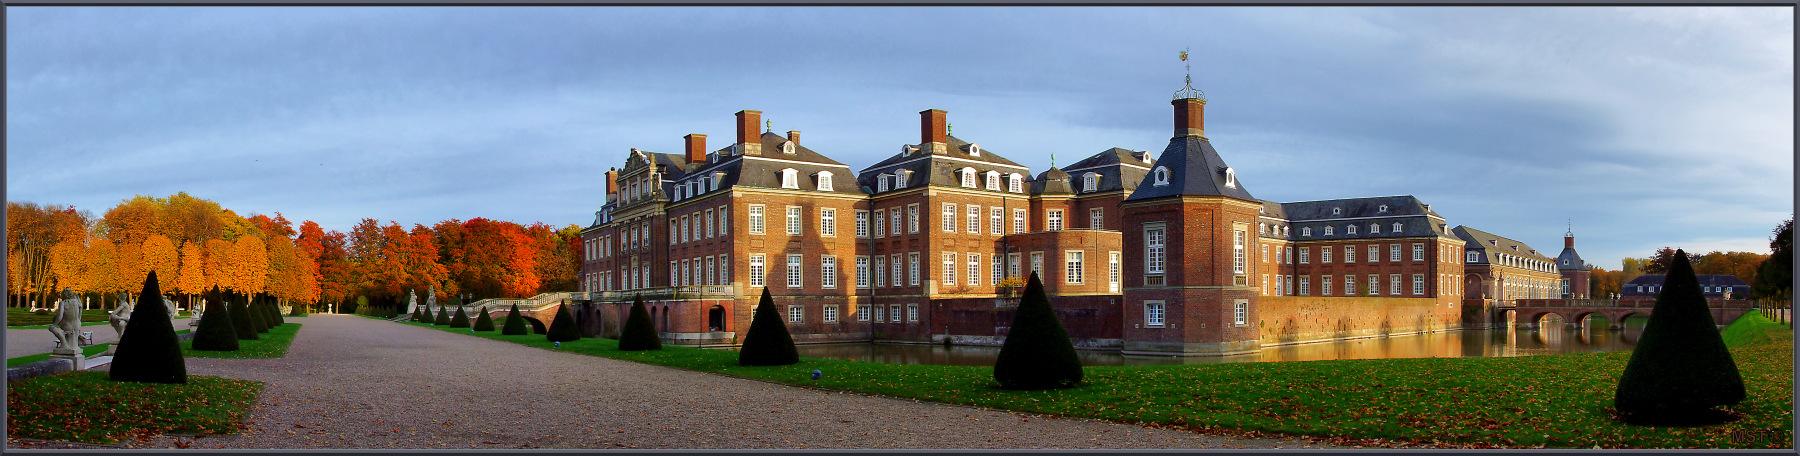 Schloss Nordkirchen im Oktober